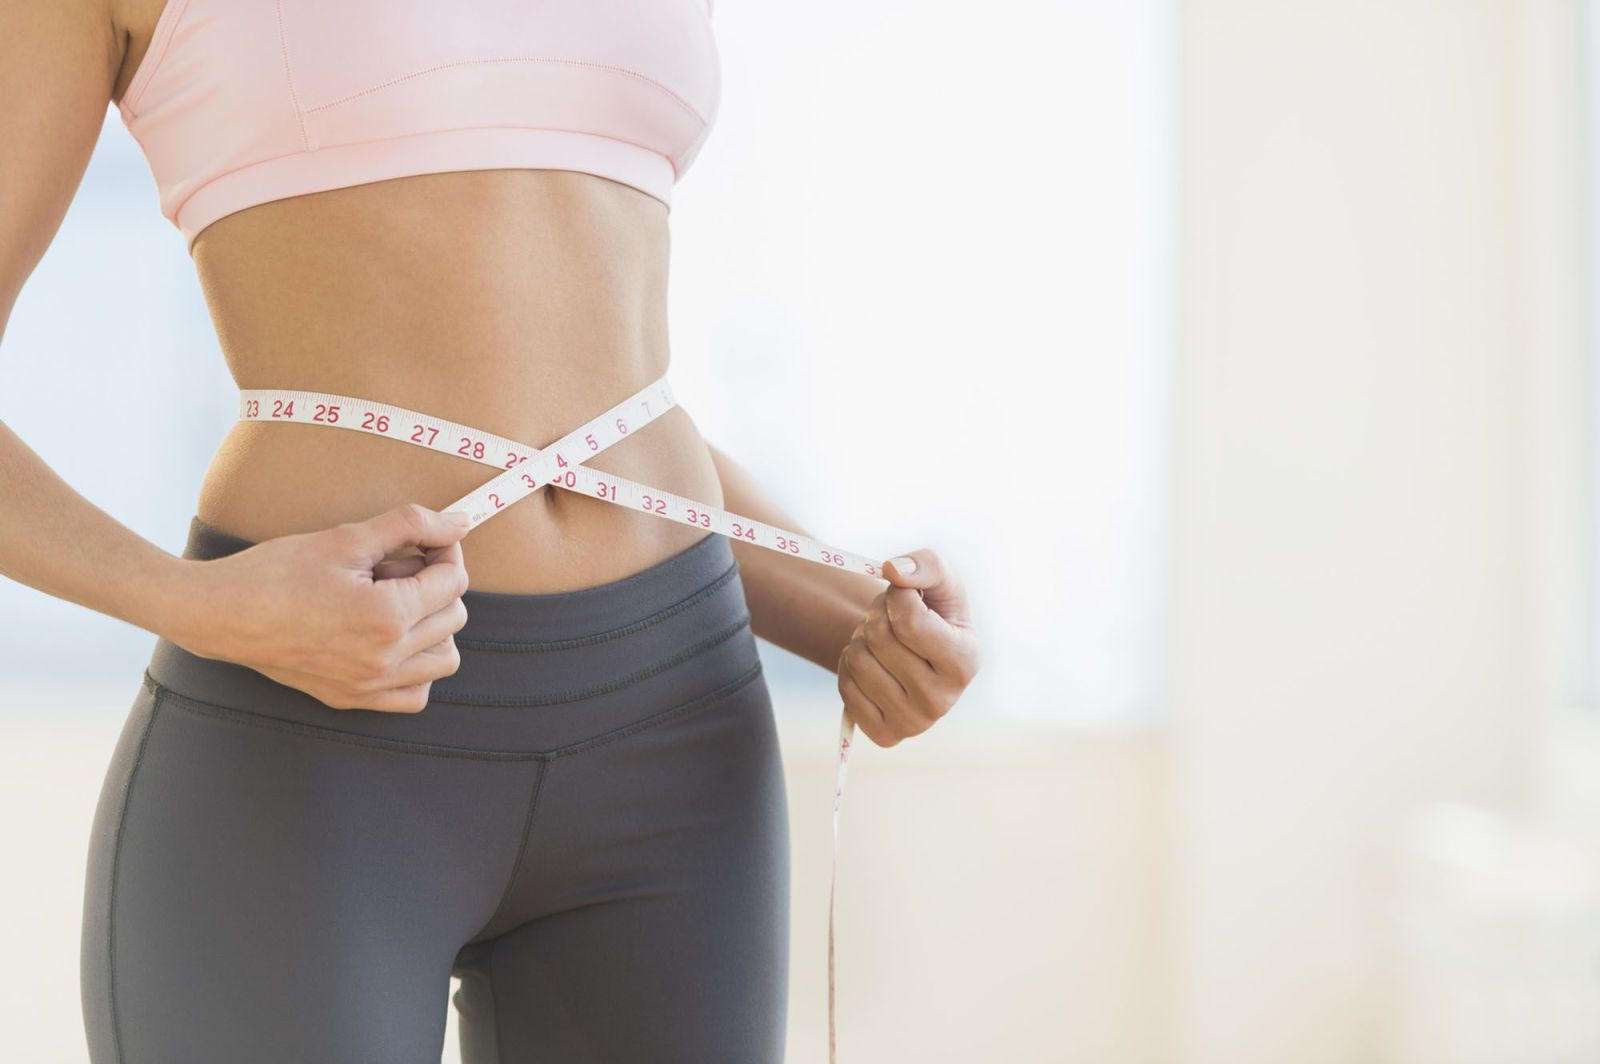 dieta ed esercizio fisico per la perdita di peso e il guadagno muscolare